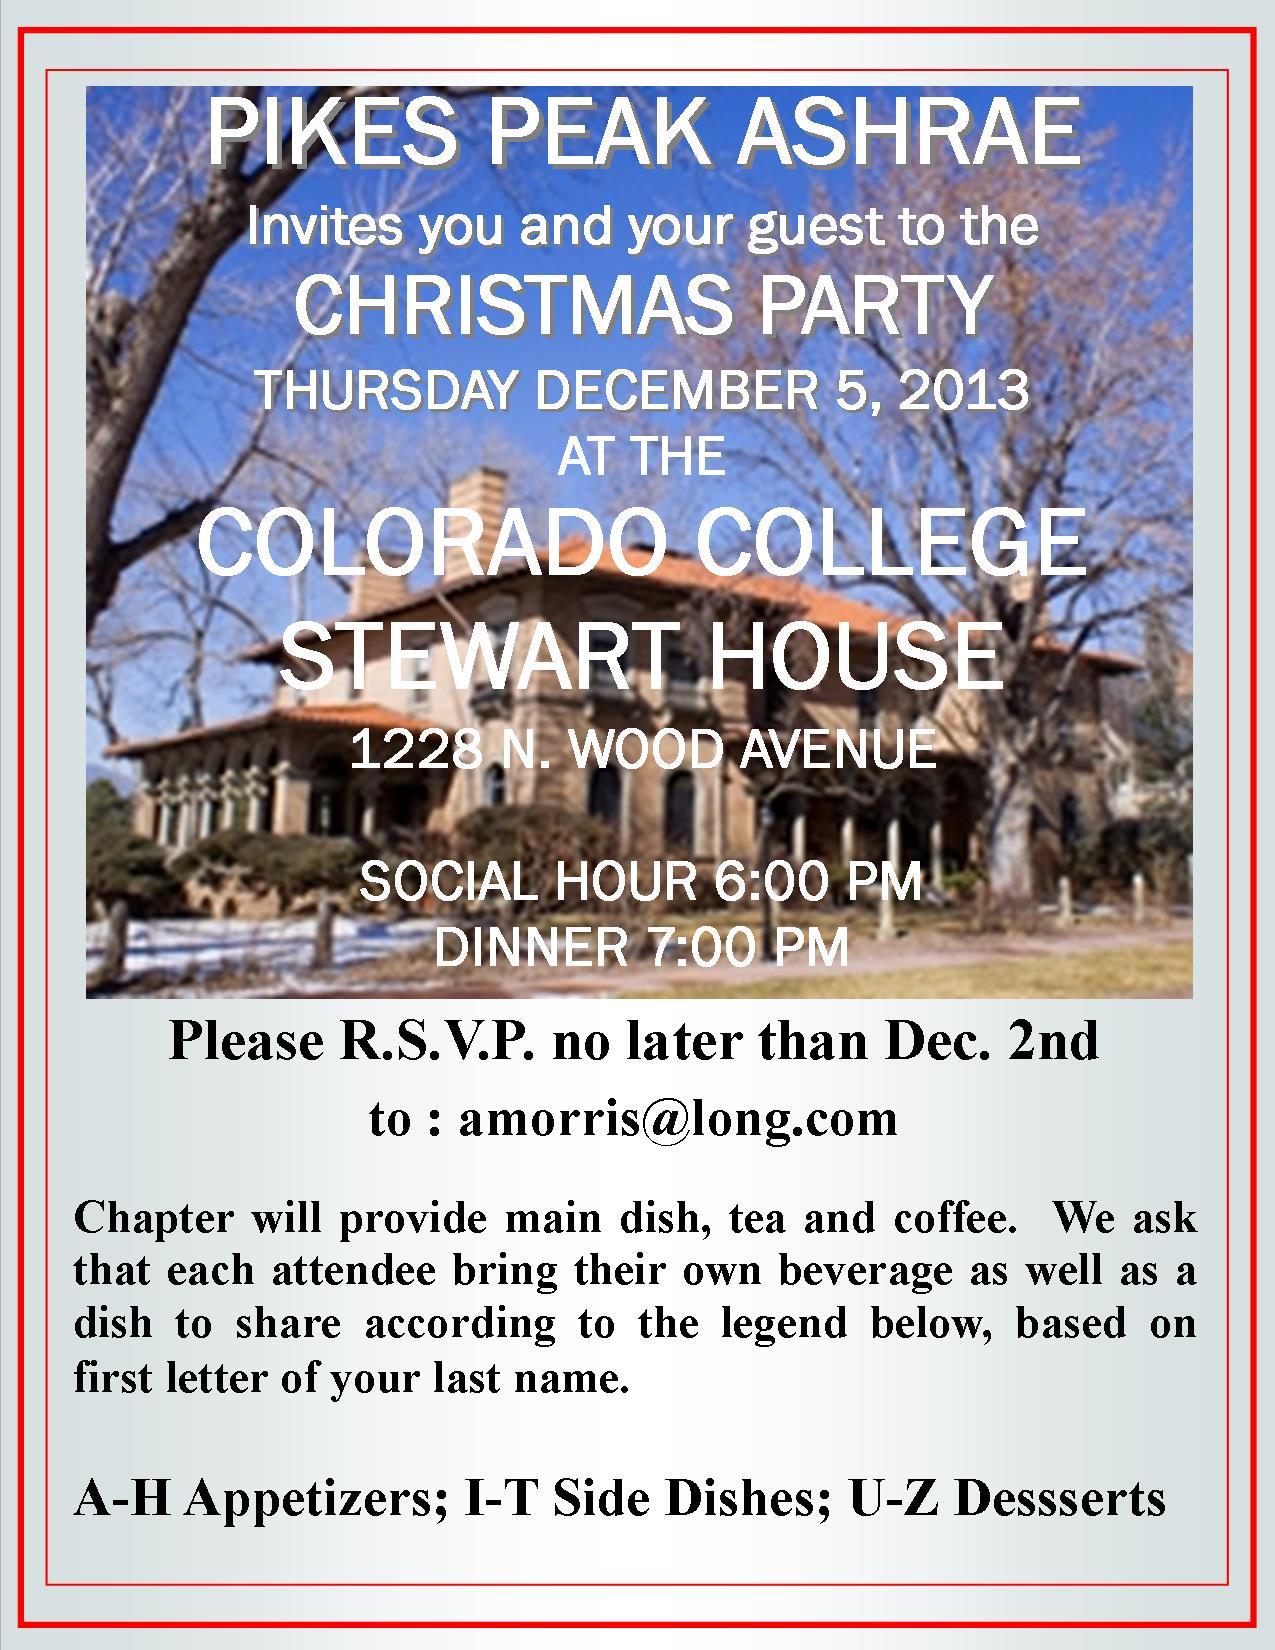 Pikes Peak ASHRAE Christmas Party 2013 Flyer